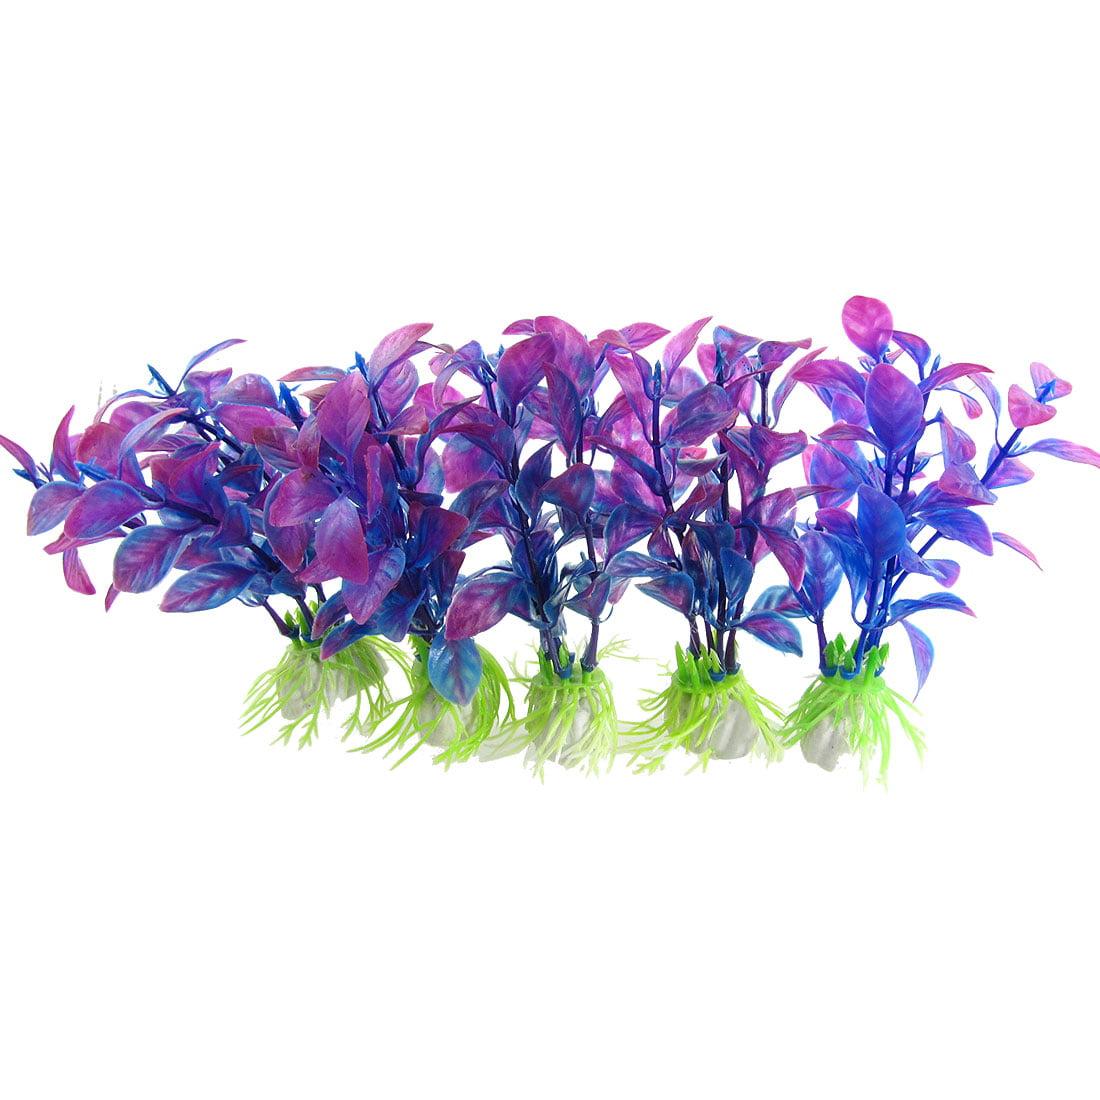 Plante Aquatique Artificielle Plastique Aquarium Décoration Violet Bleu 5 Pces - image 1 de 1